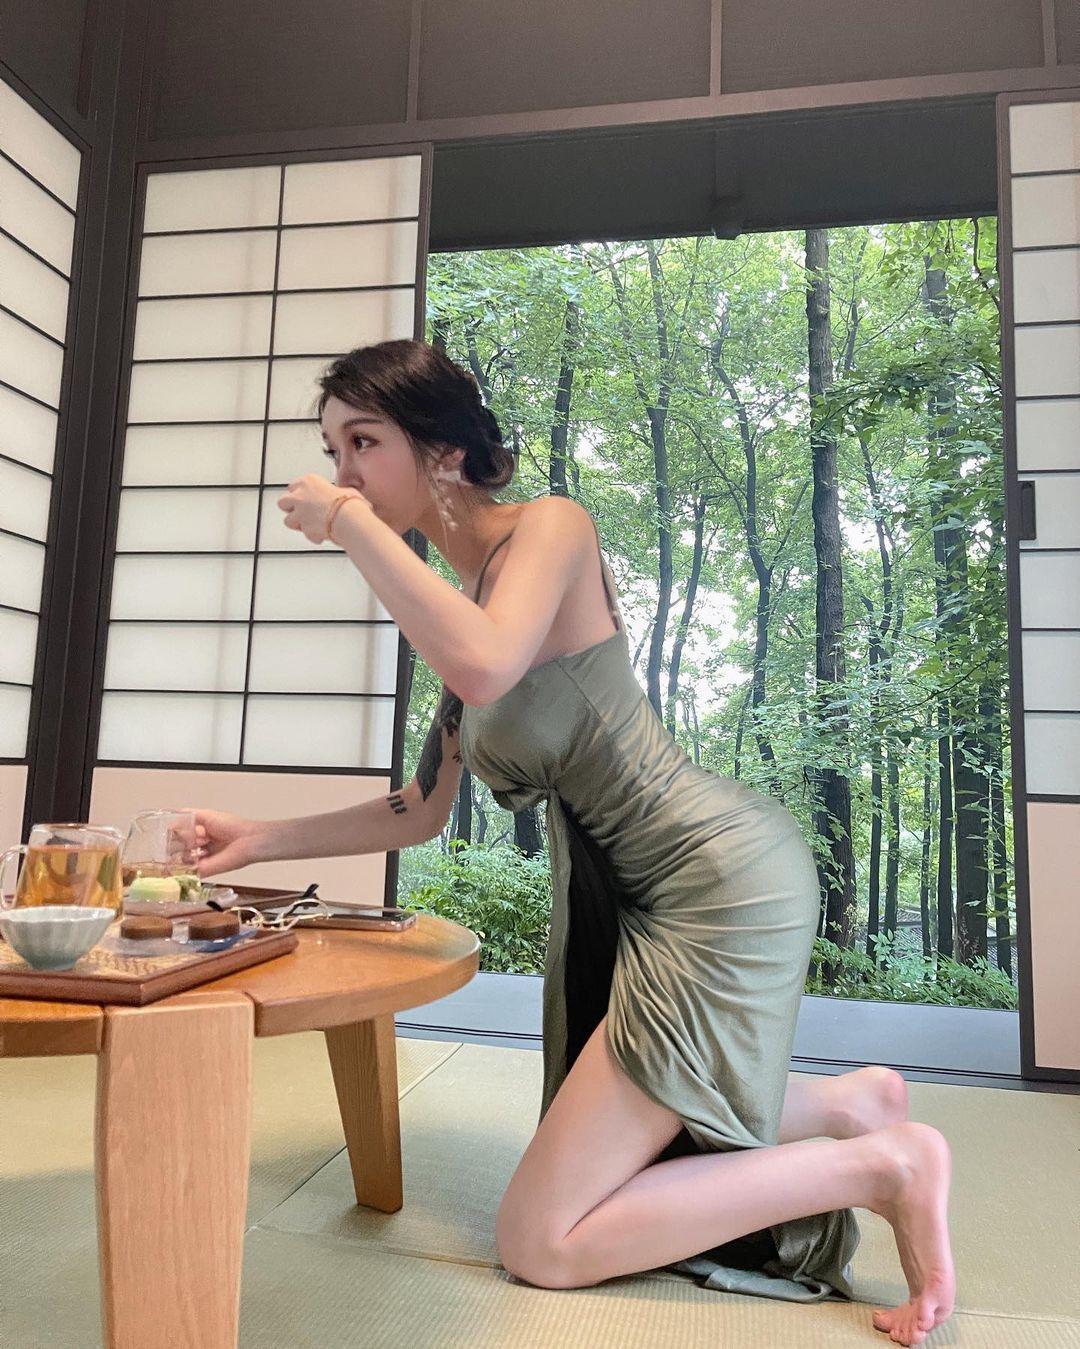 西湖龙井惊见气质正妹「艾莉ailly」优雅品茶,连身长裙挡不住前凸后翘S曲线-新图包